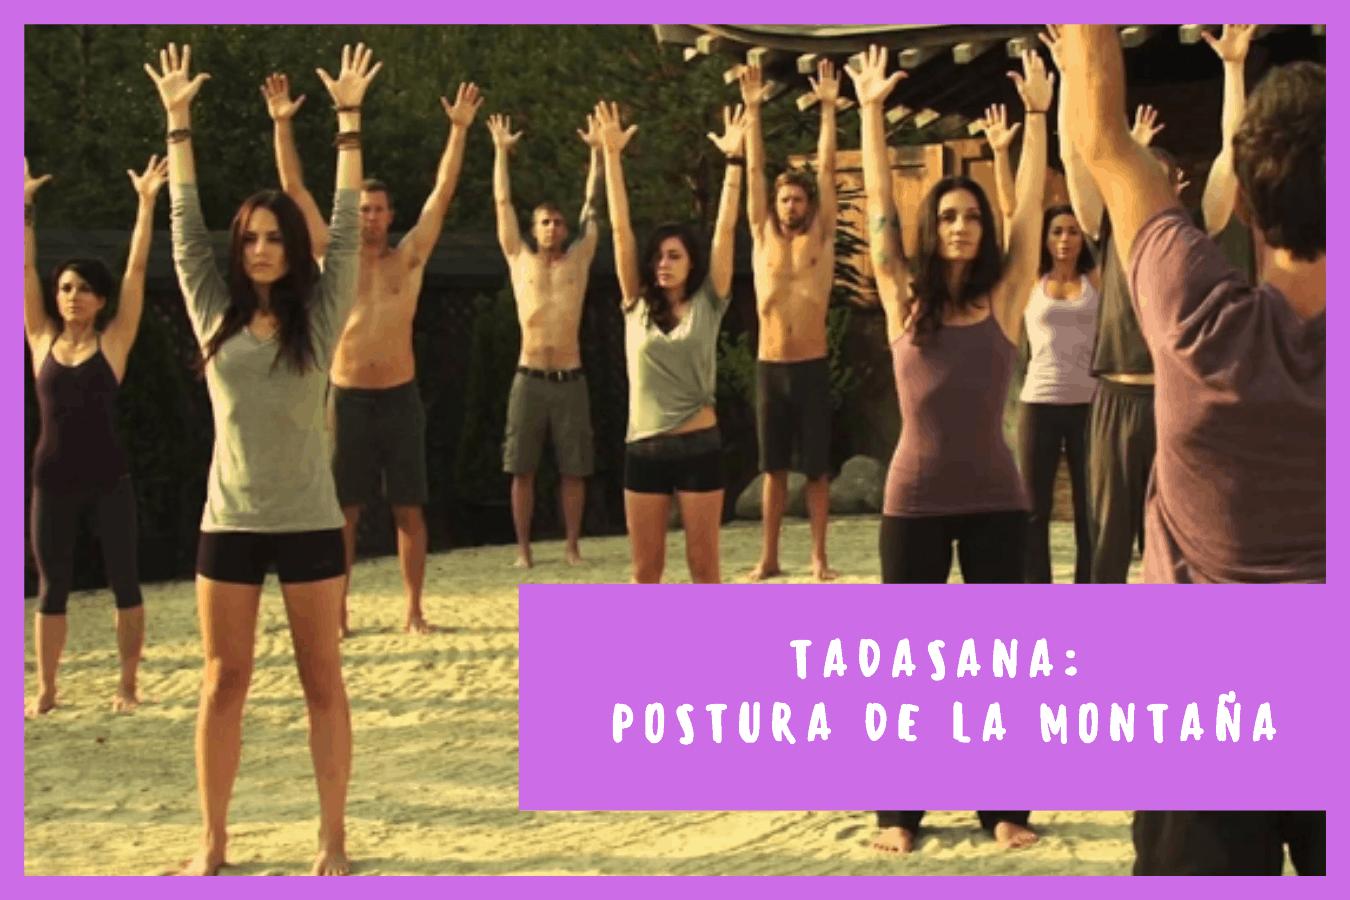 Tadasana: Postura de La Montaña